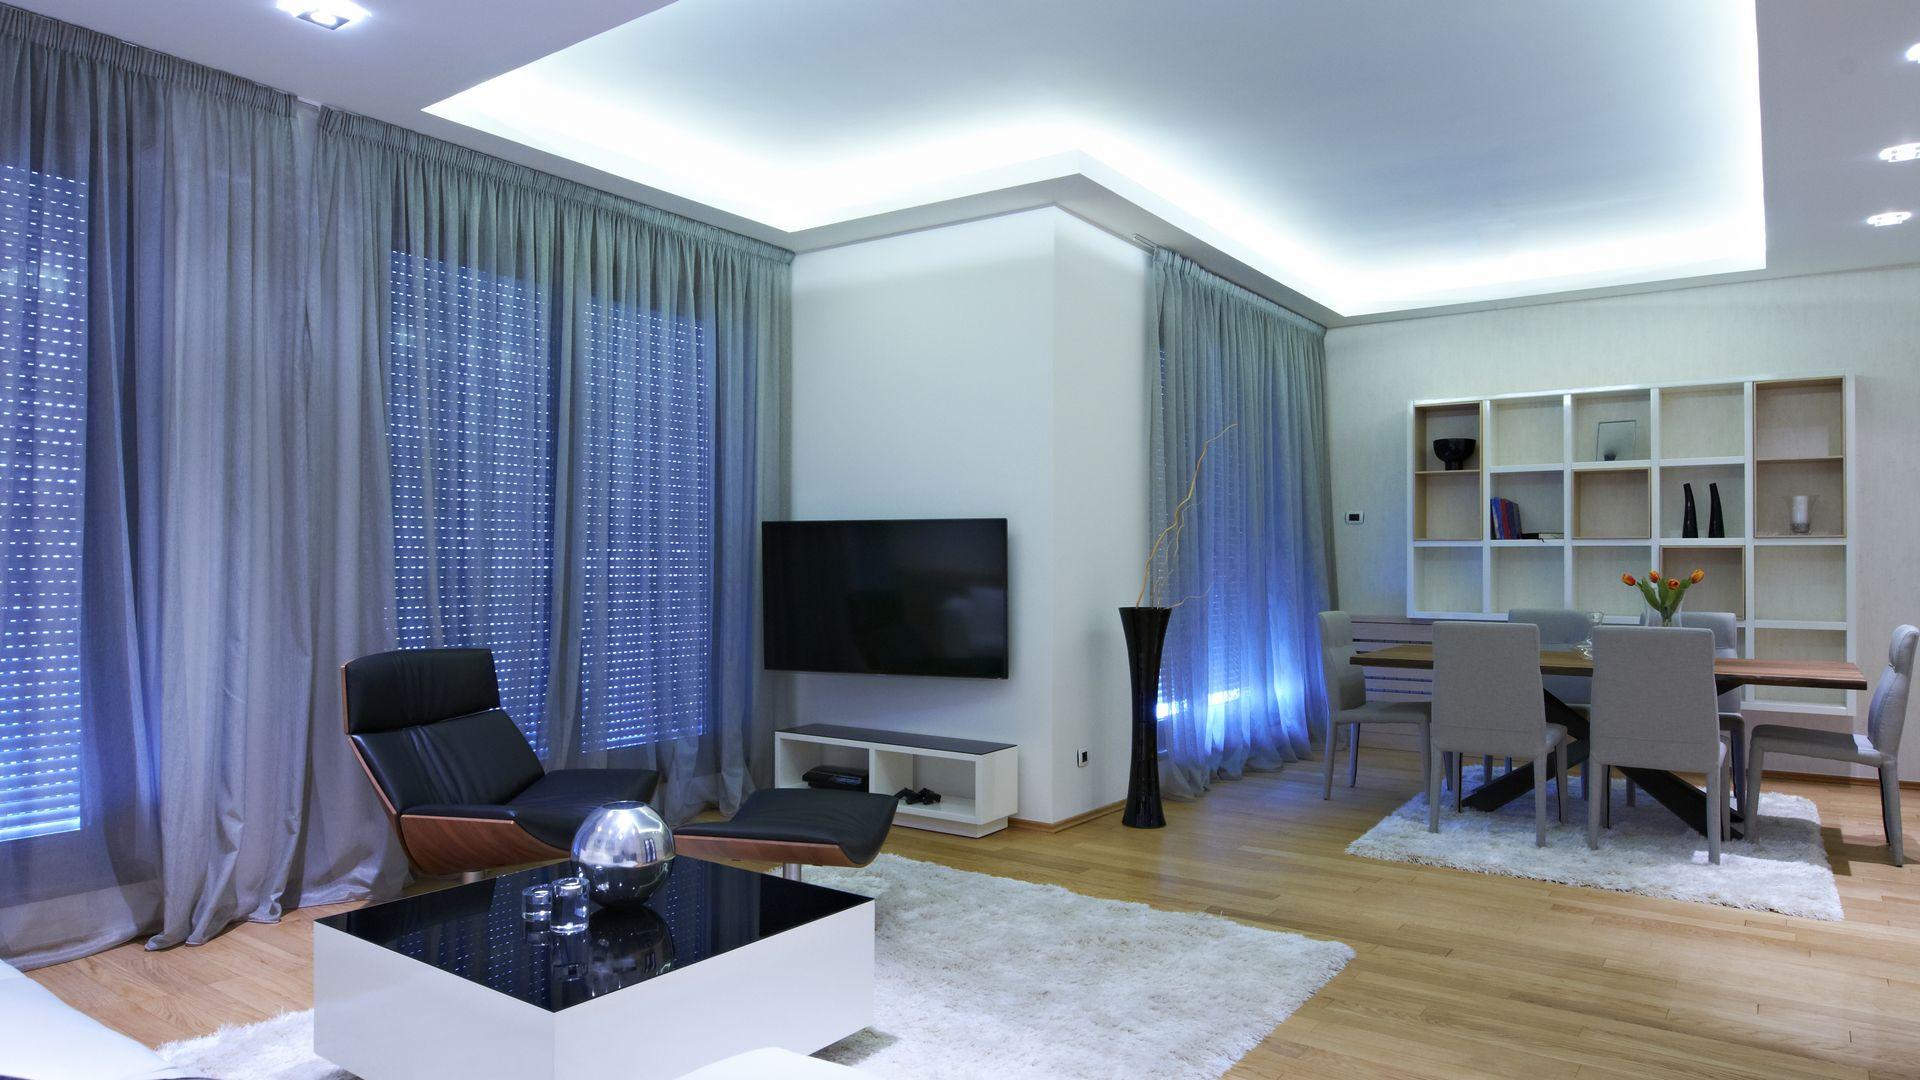 Indirekte Beleuchtung Decke  Indirekte Beleuchtung an Wand & Decke selber bauen